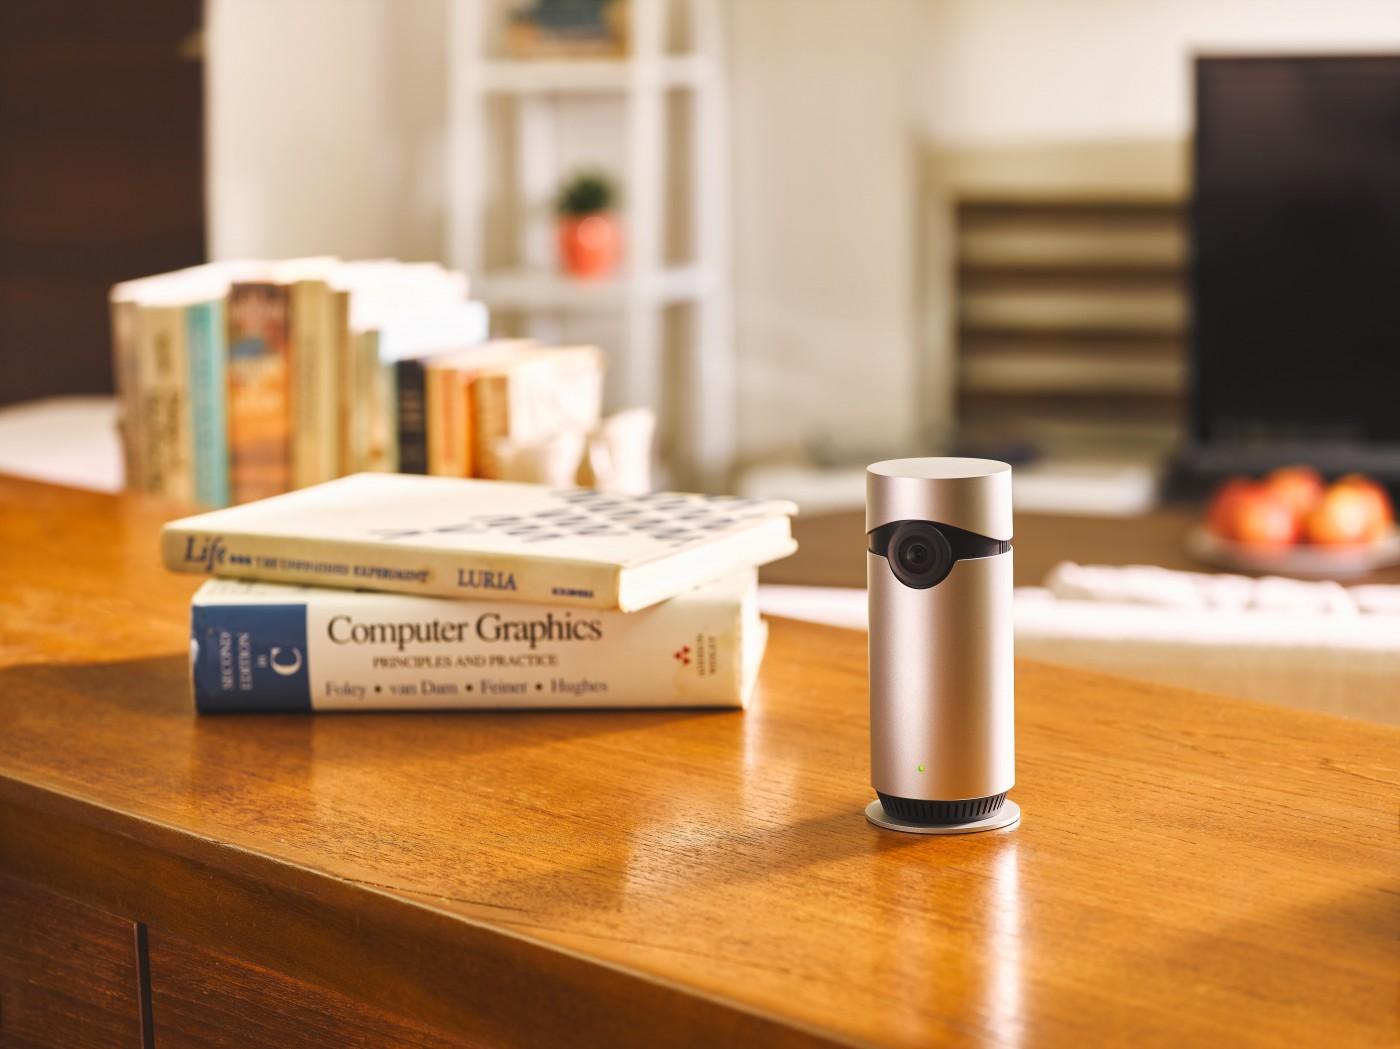 展現進軍全球智慧家庭決心  D-Link偕Apple完善智慧家庭攝影服務